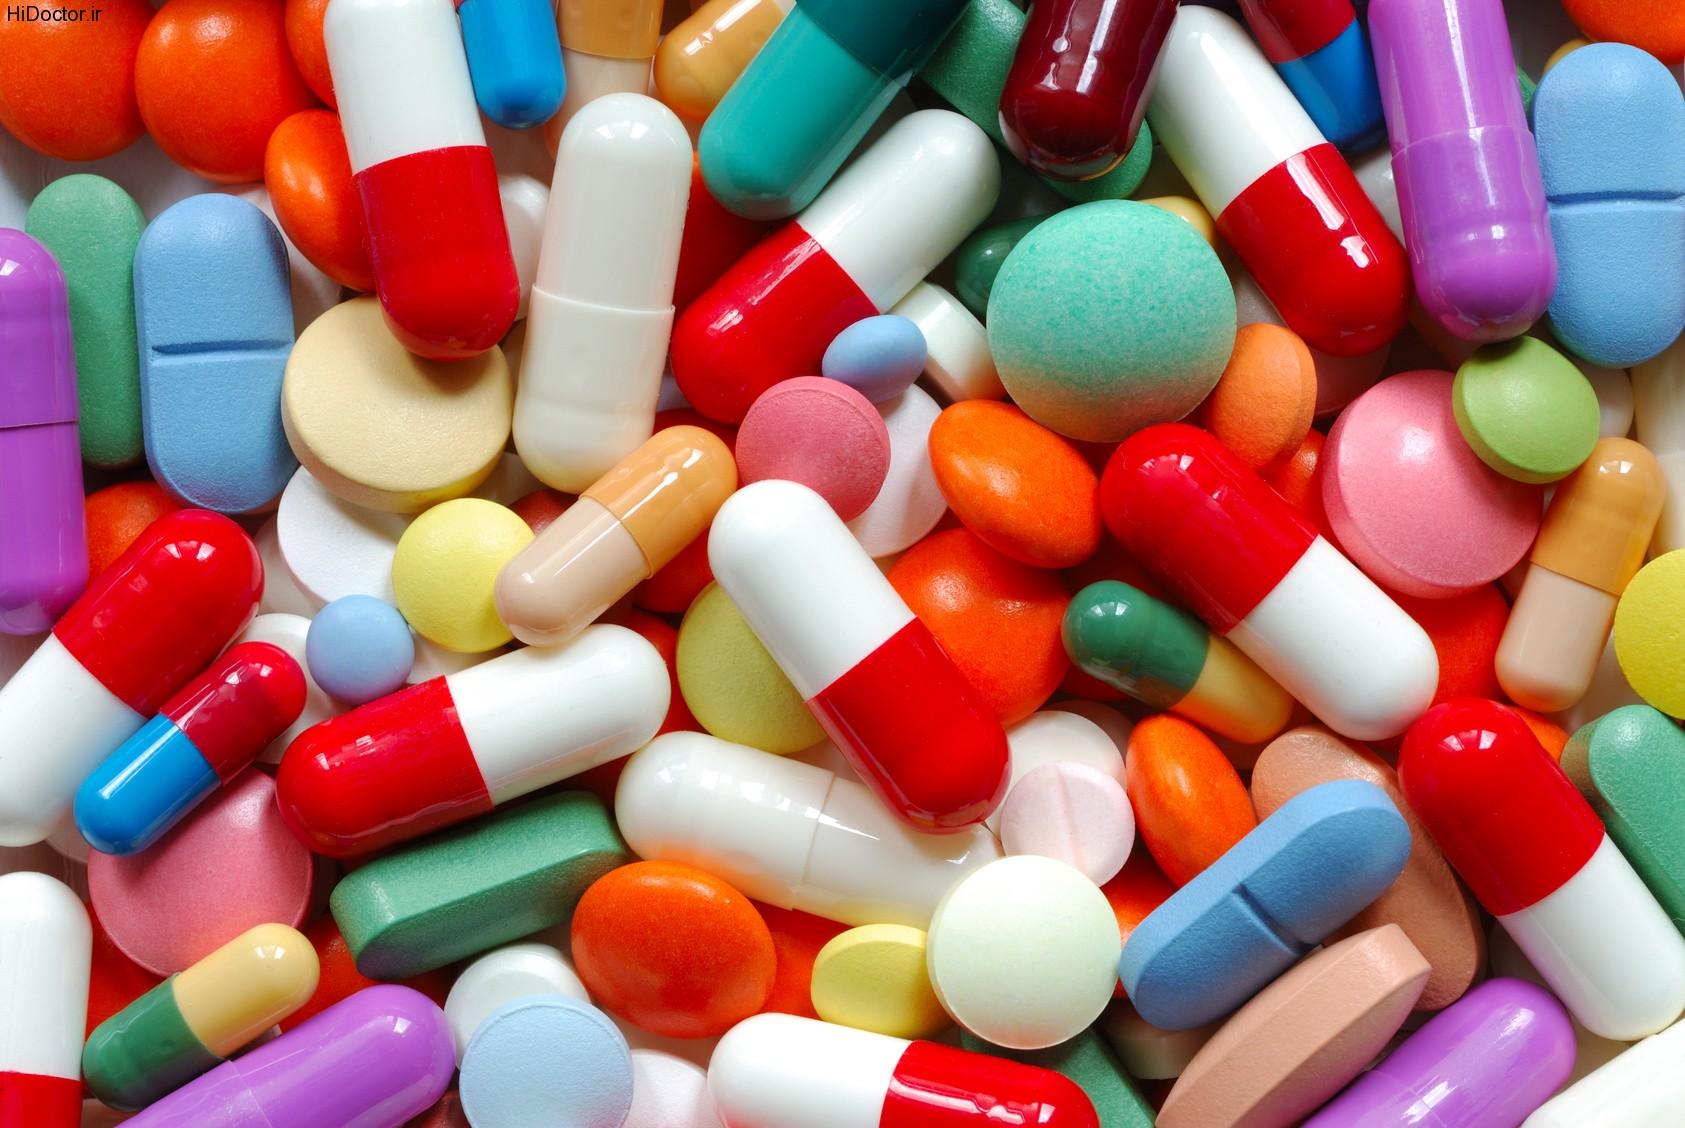 استفاده خودسرانه آنتی بیوتیک در همدان